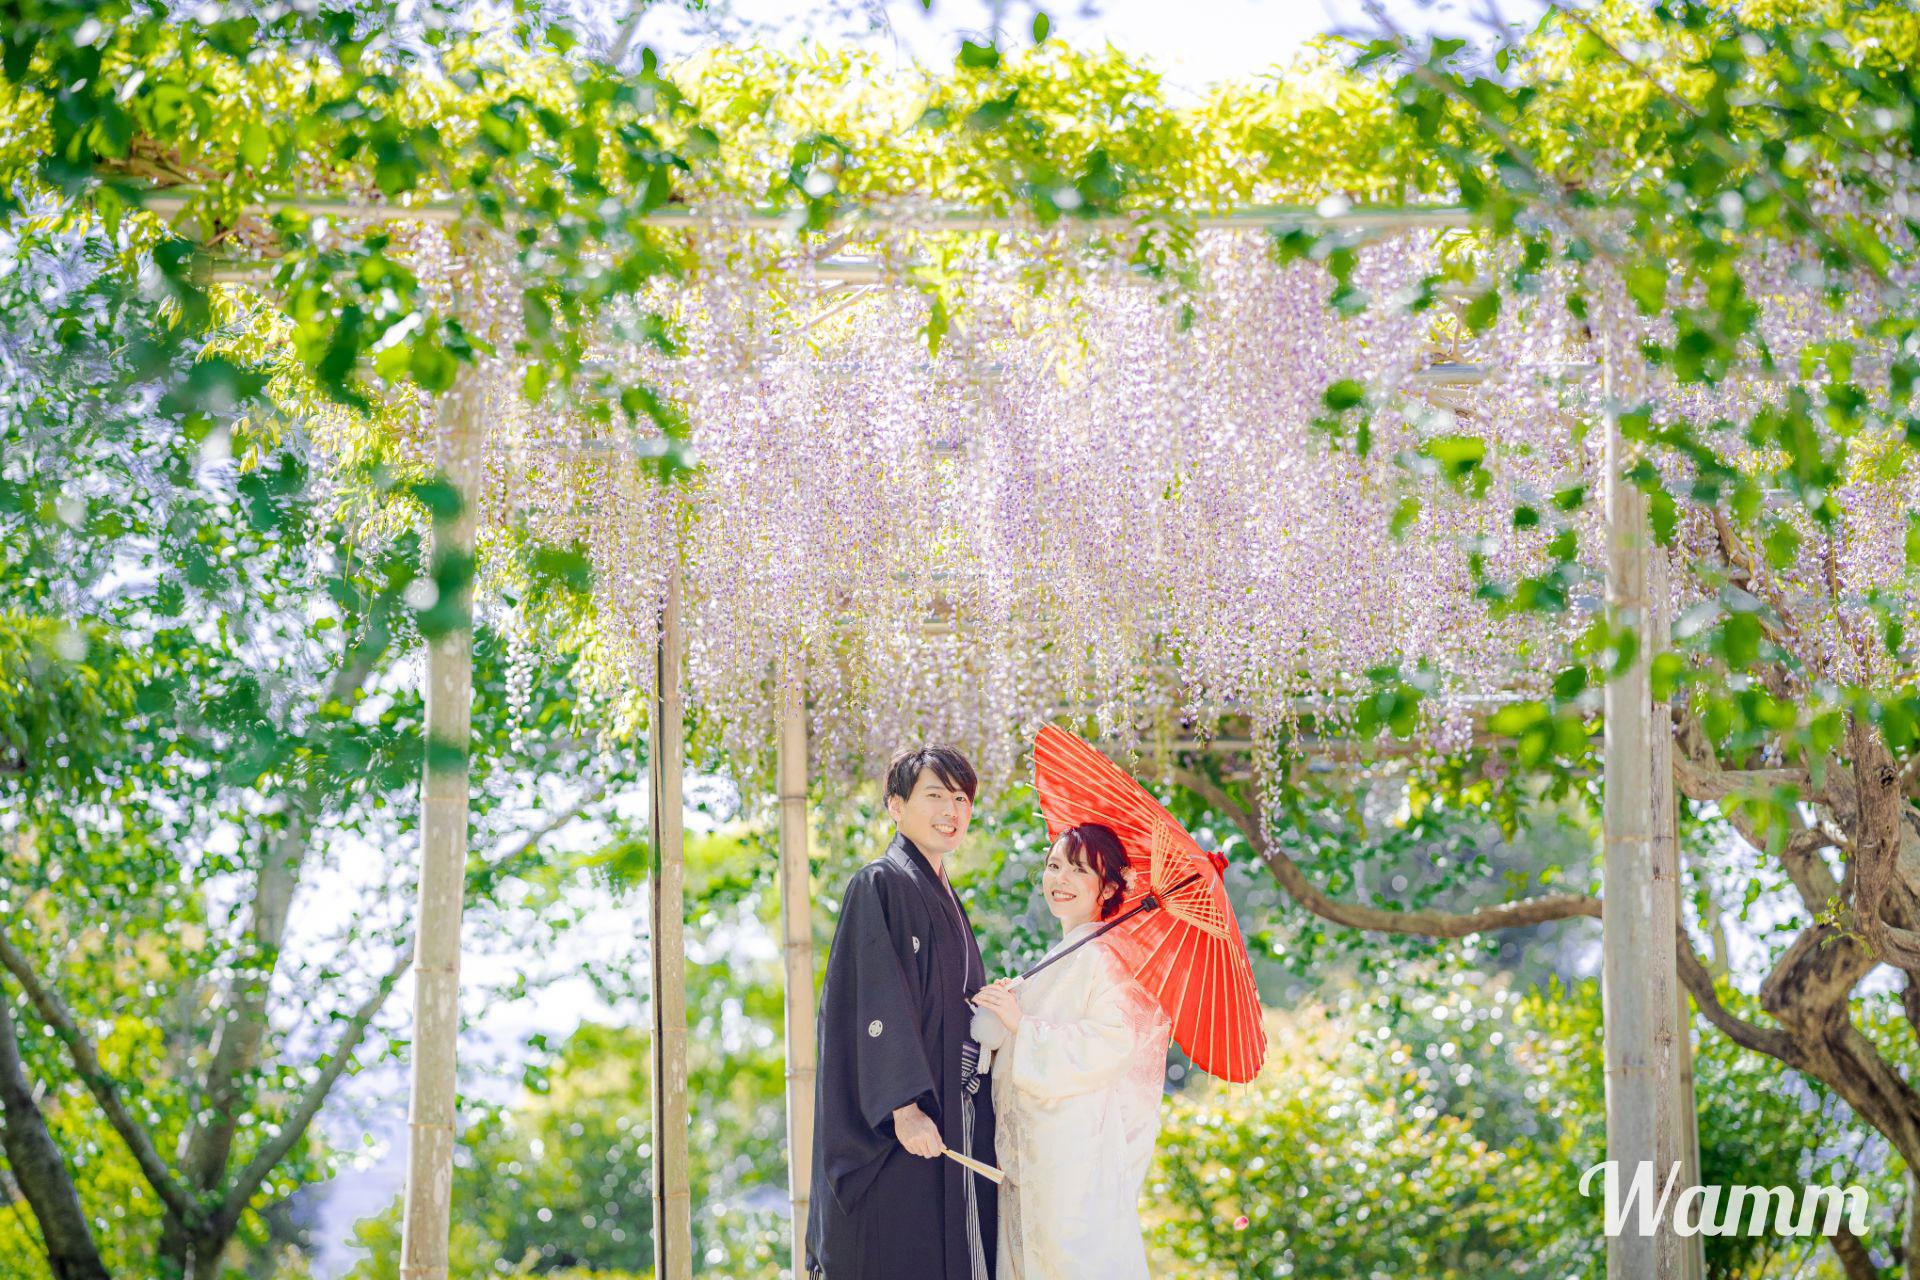 【浜松・初山宝林寺】車で5分の美しく壮大な寺院 桜・藤の花が咲く春は特におすすめ!